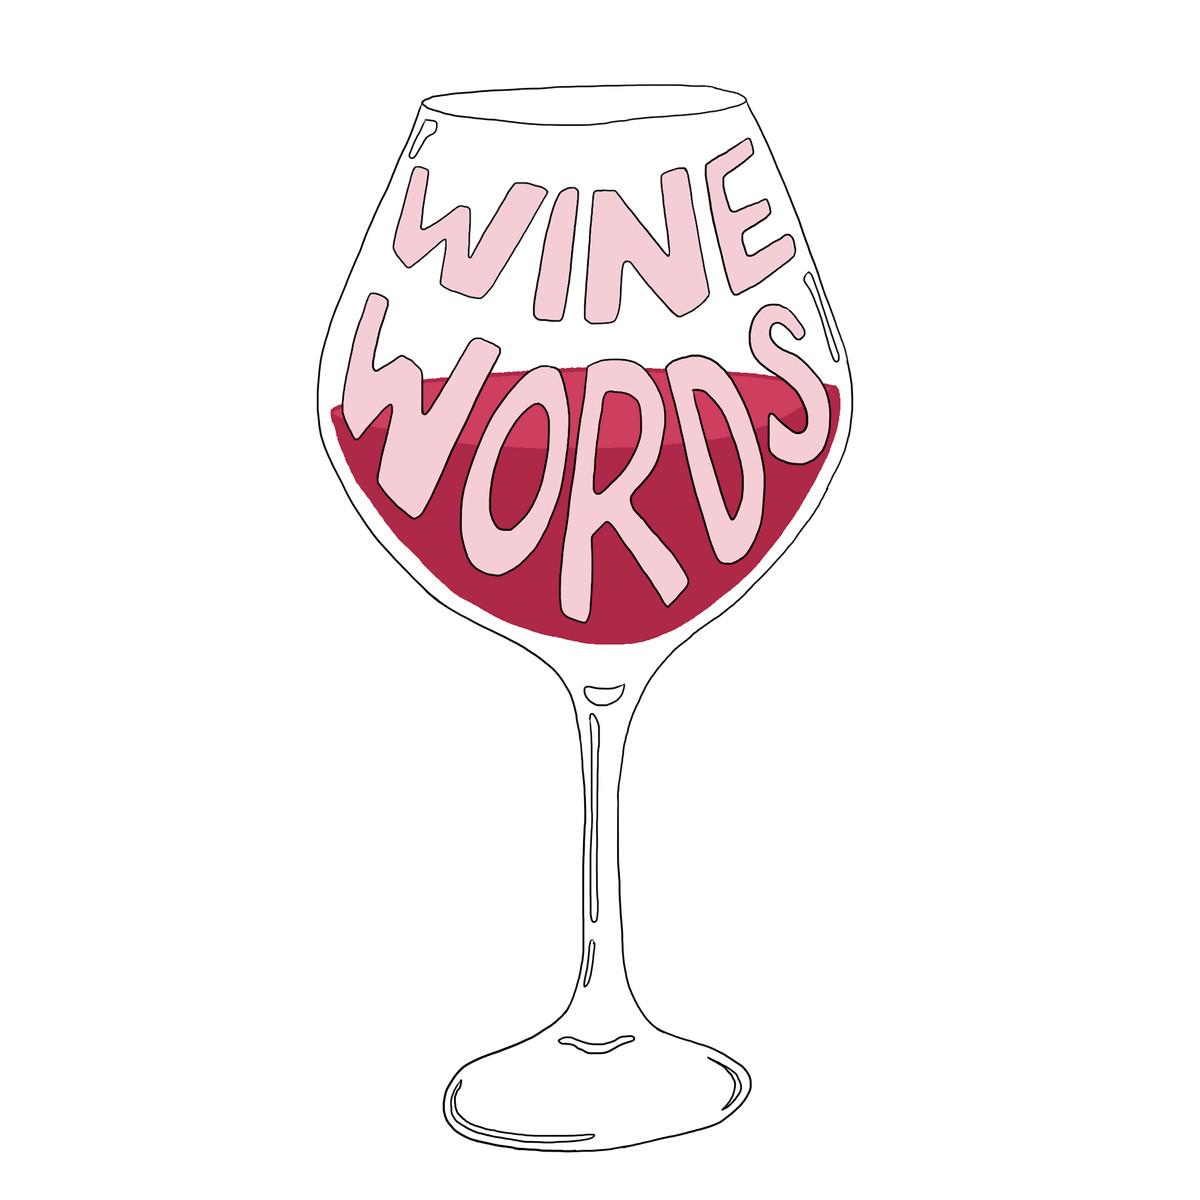 Wine Words logo